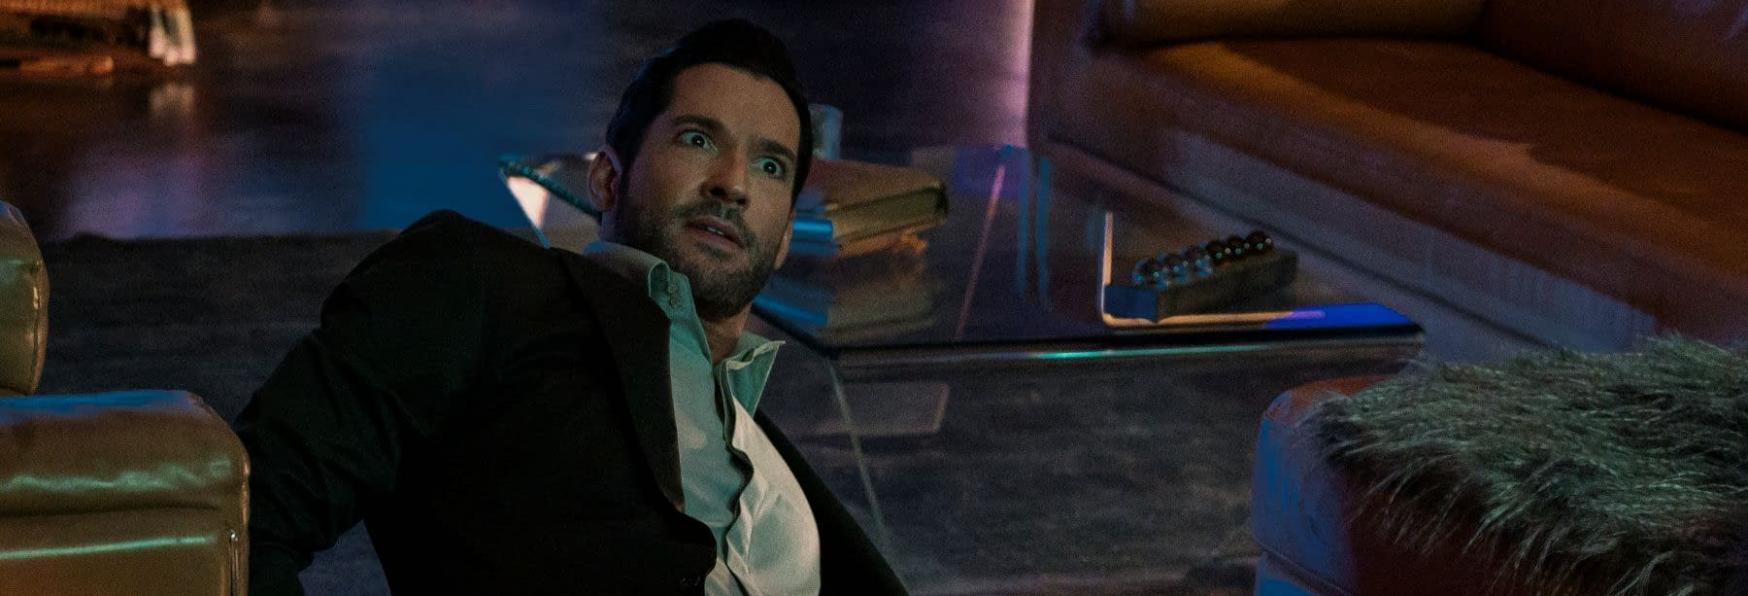 Lucifer 6: Rilasciato il Trailer dell'Ultima Stagione della Serie TV con Tom Ellis